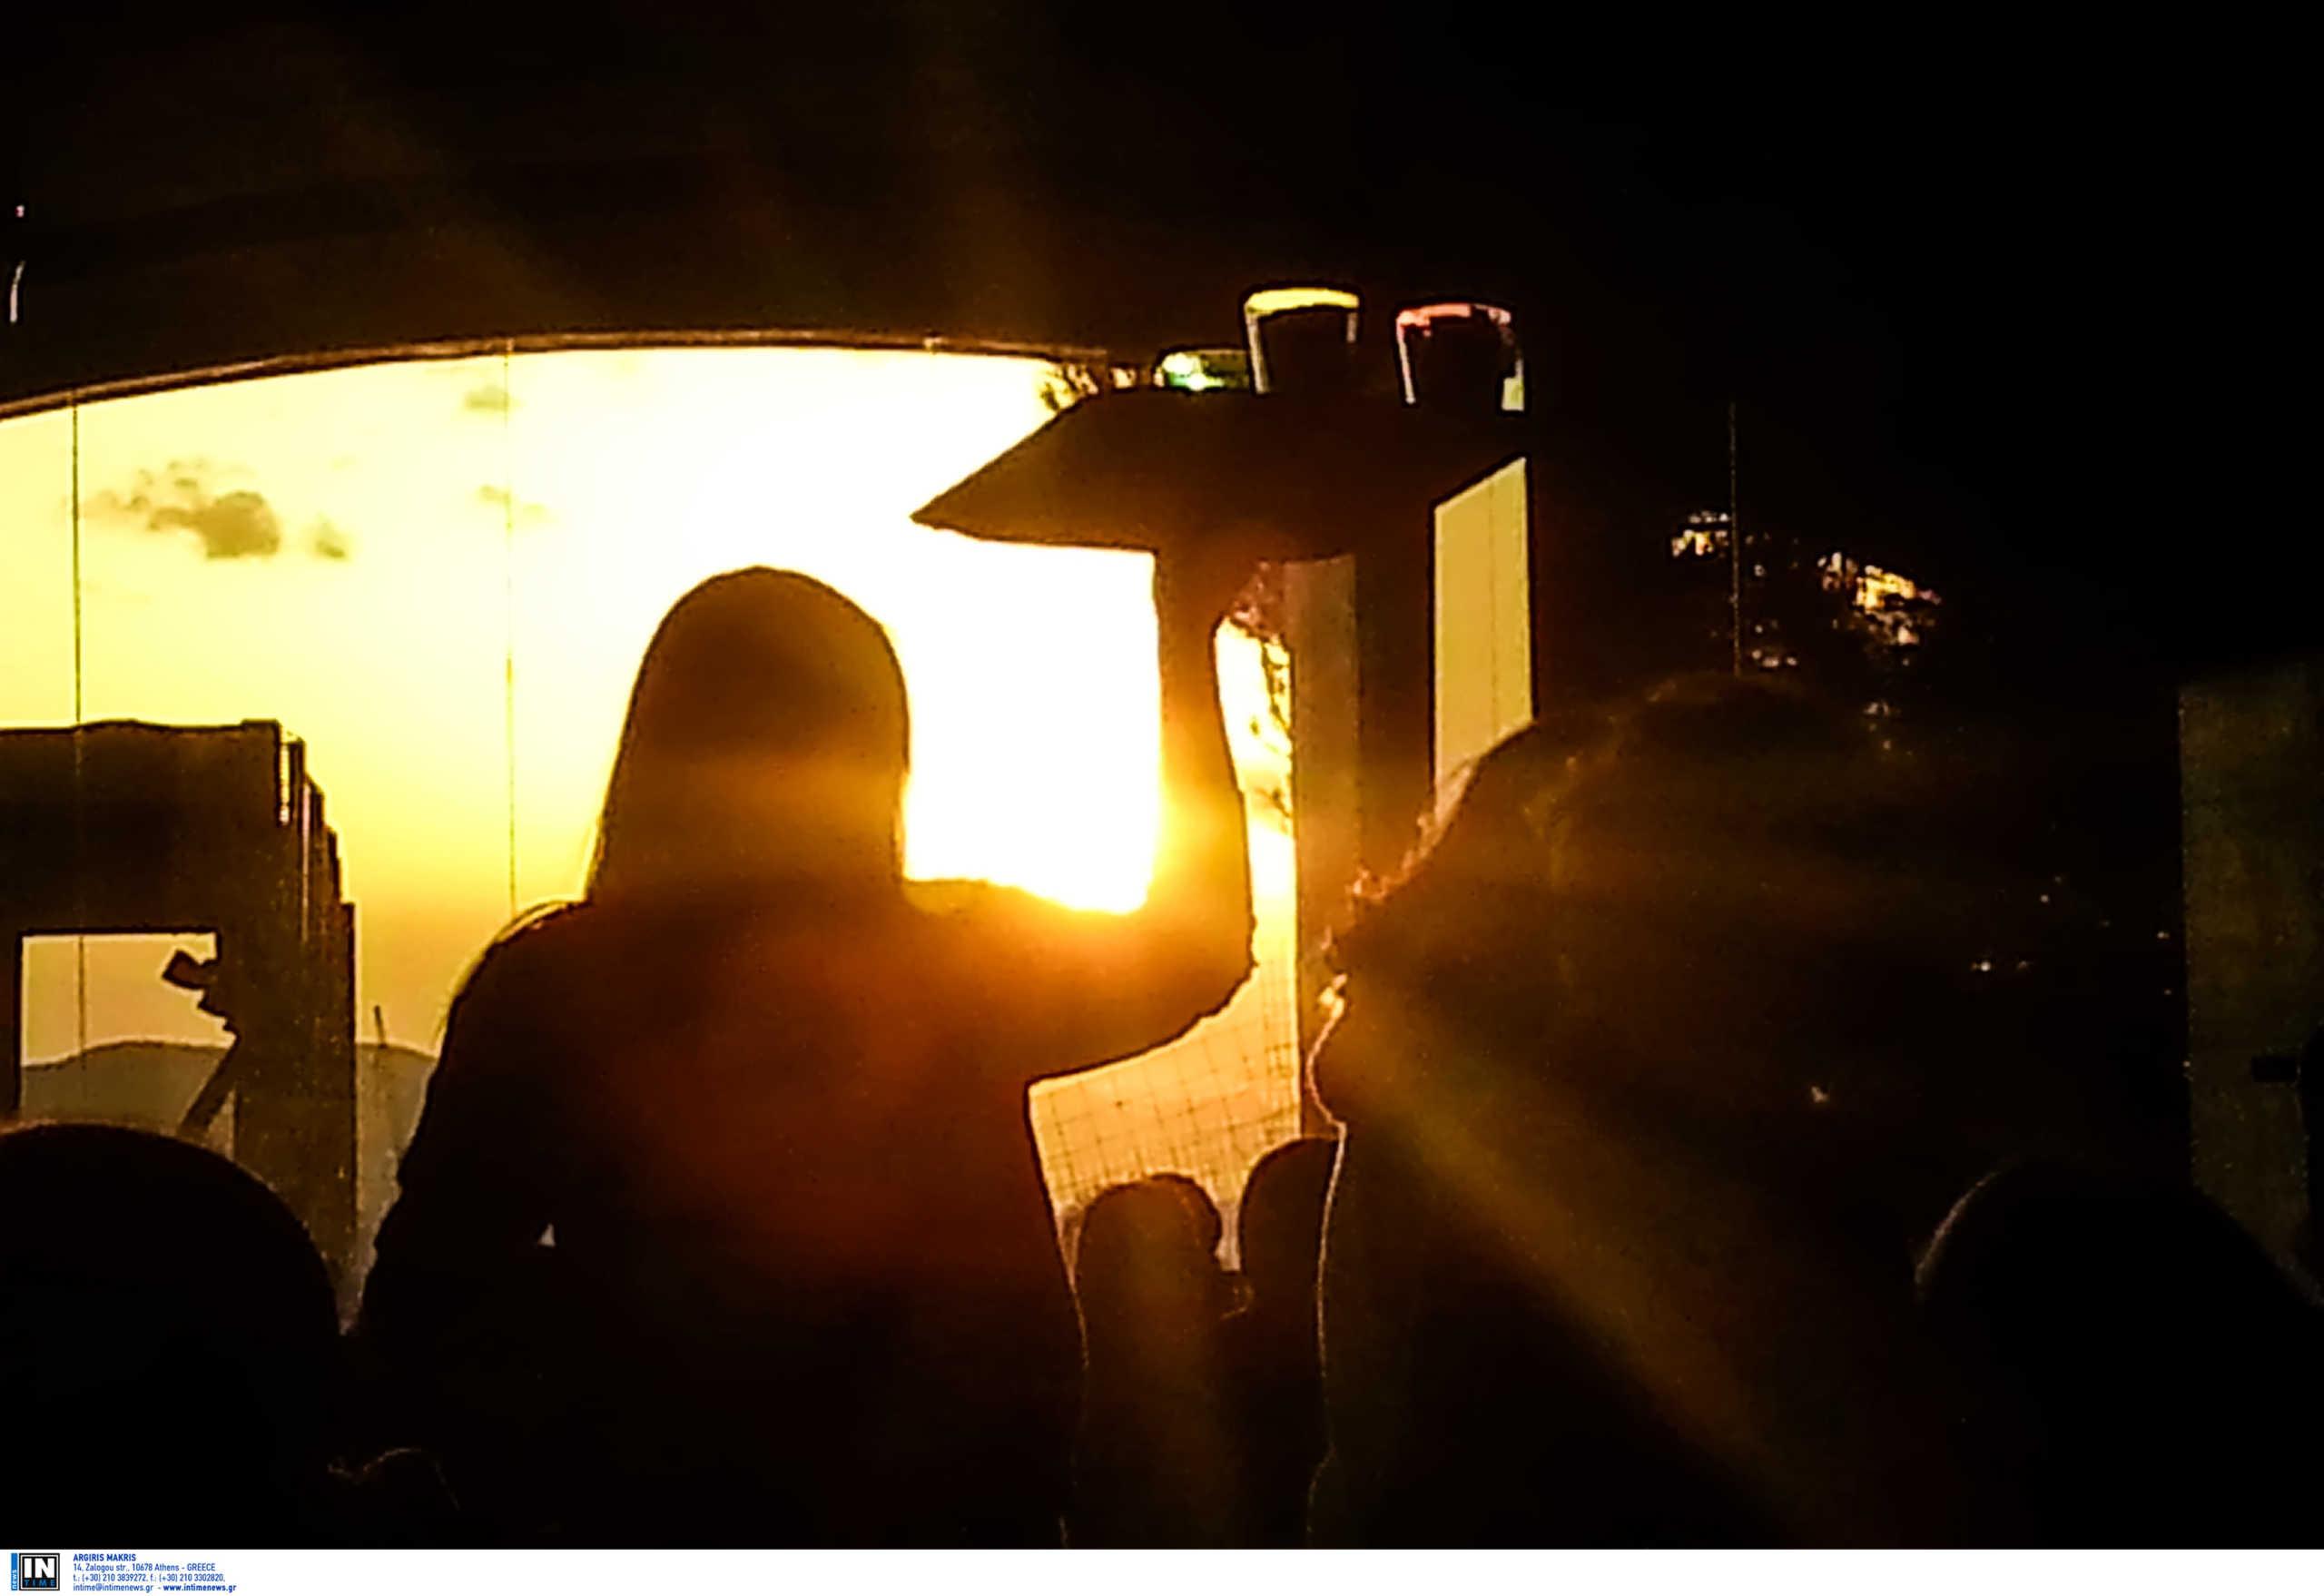 """Μύκονος: """"Θύελλα"""" για το λουκέτο και το πρόστιμο σε πασίγνωστο μπαρ! Ξεσπούν οι ιδιοκτήτες (Βίντεο)"""